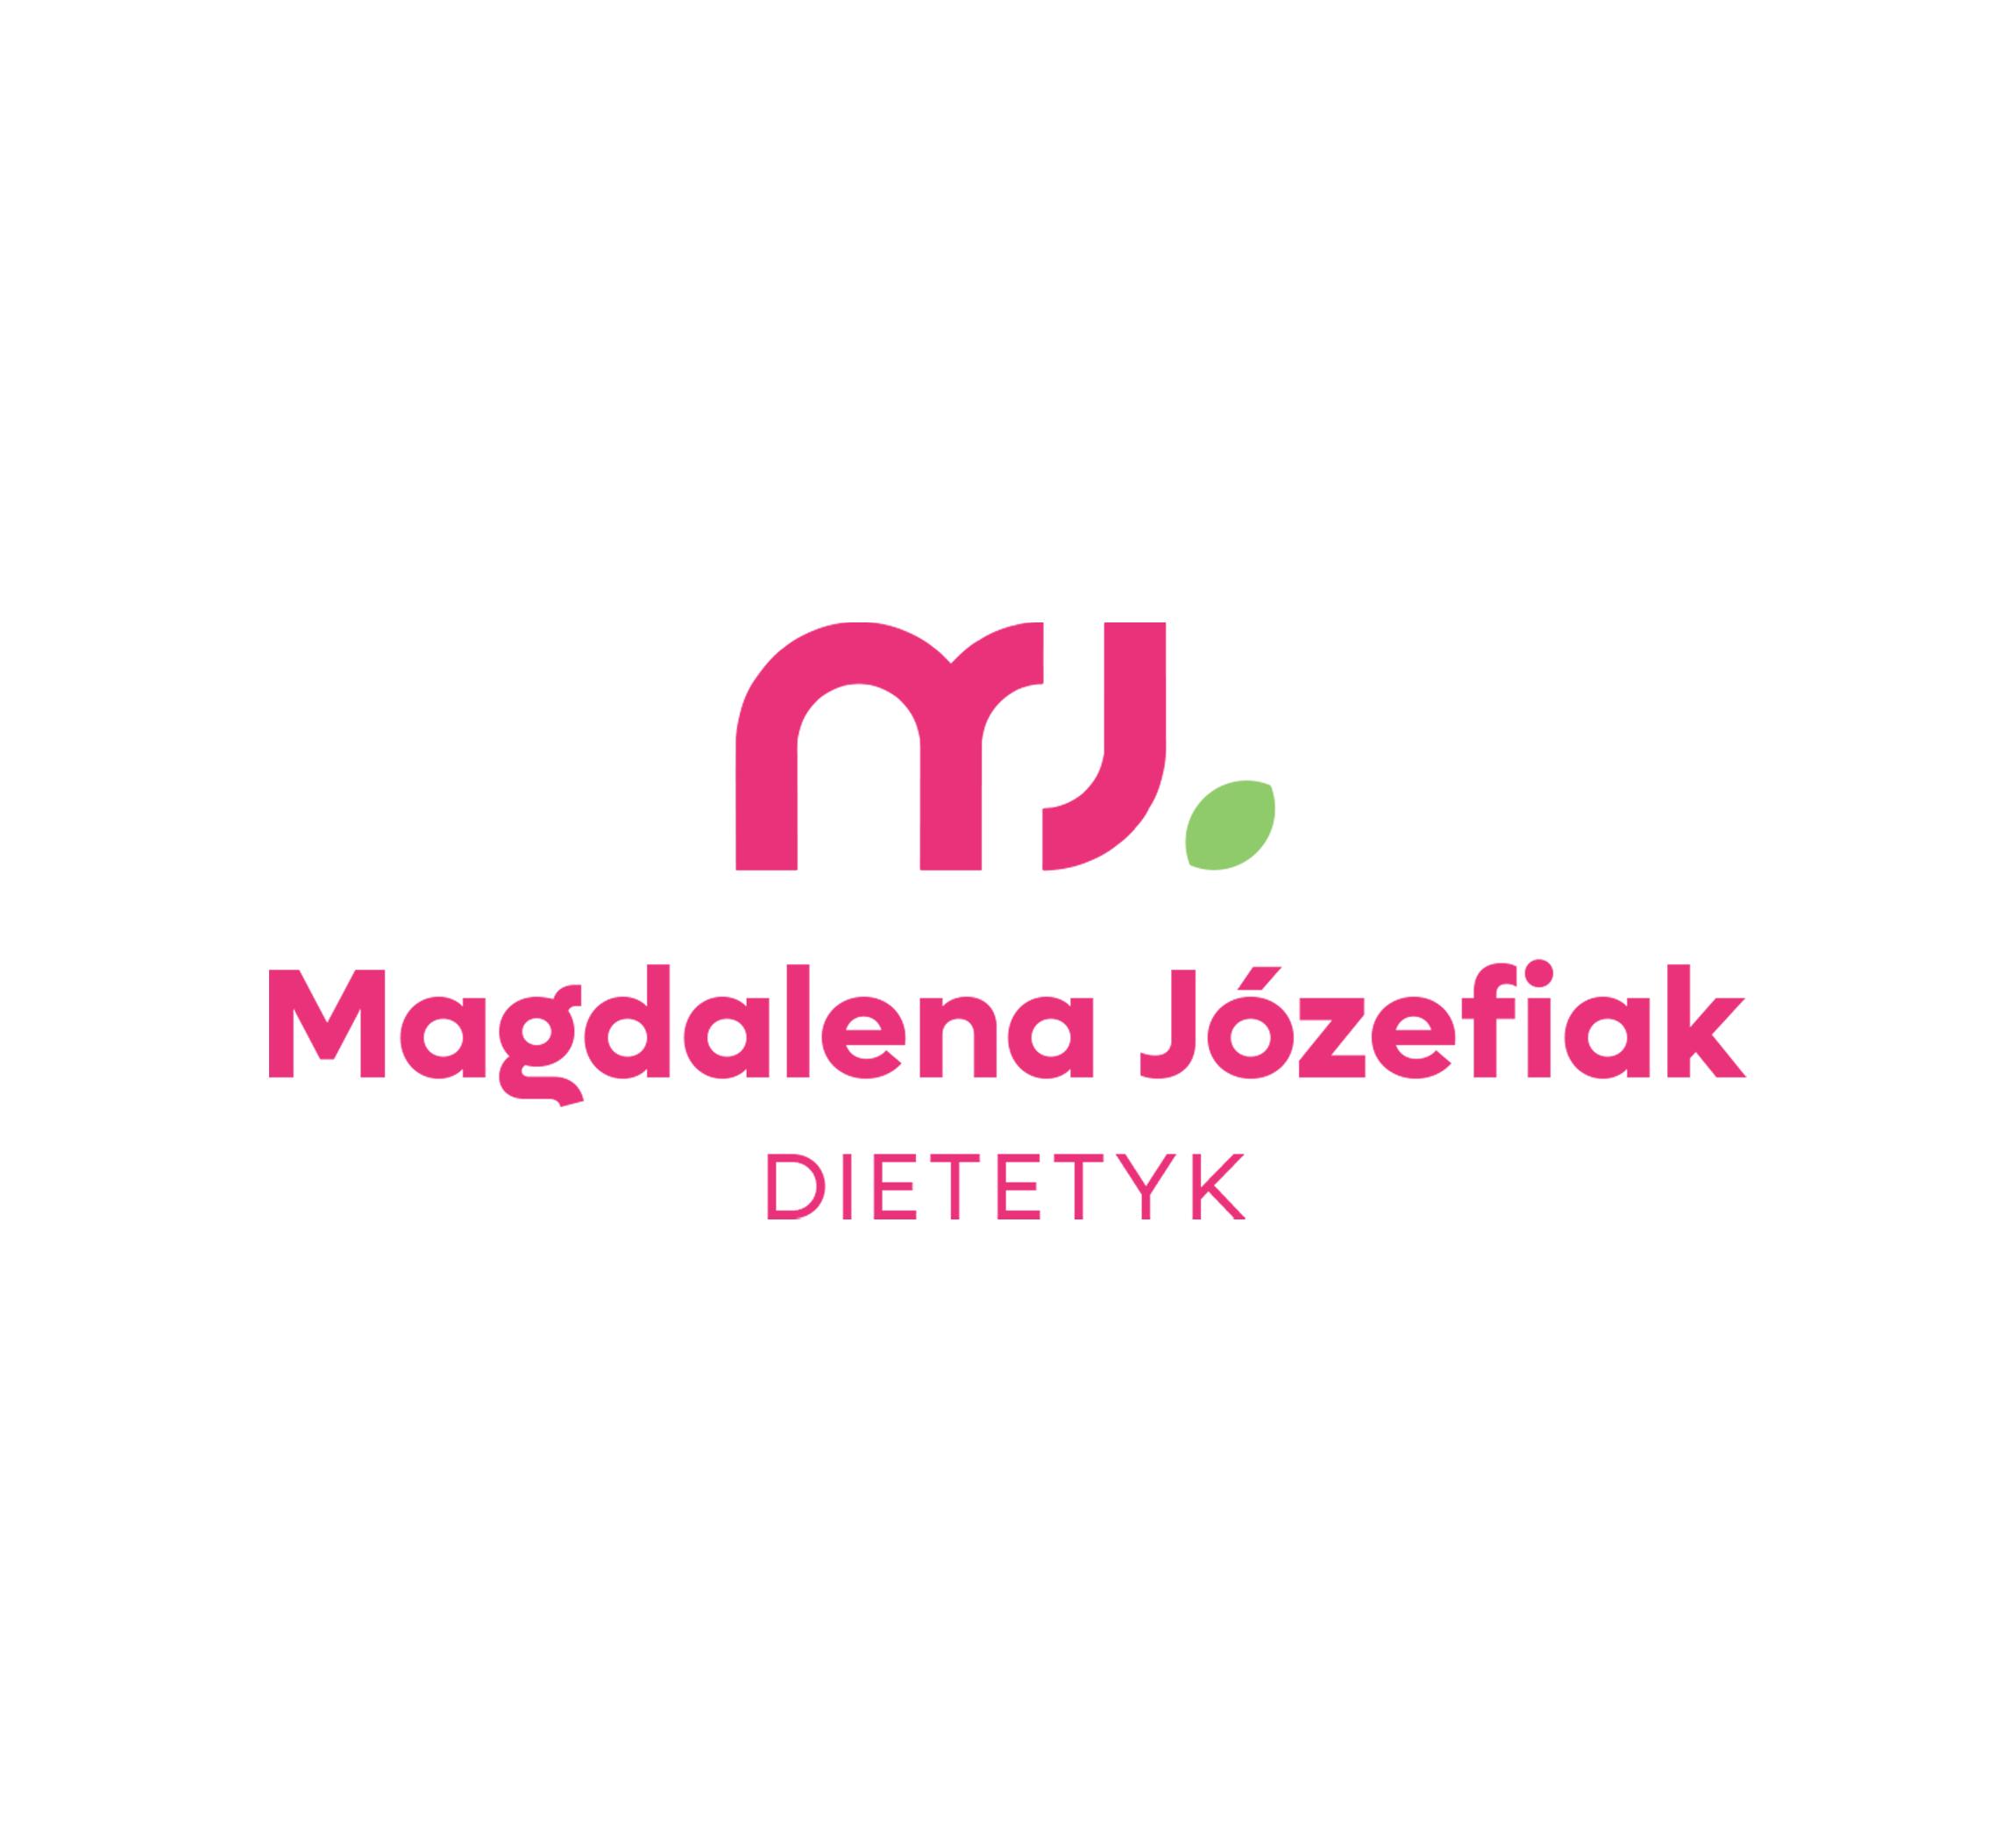 Magdalena Józefiak, dietetyk — rebranding logo